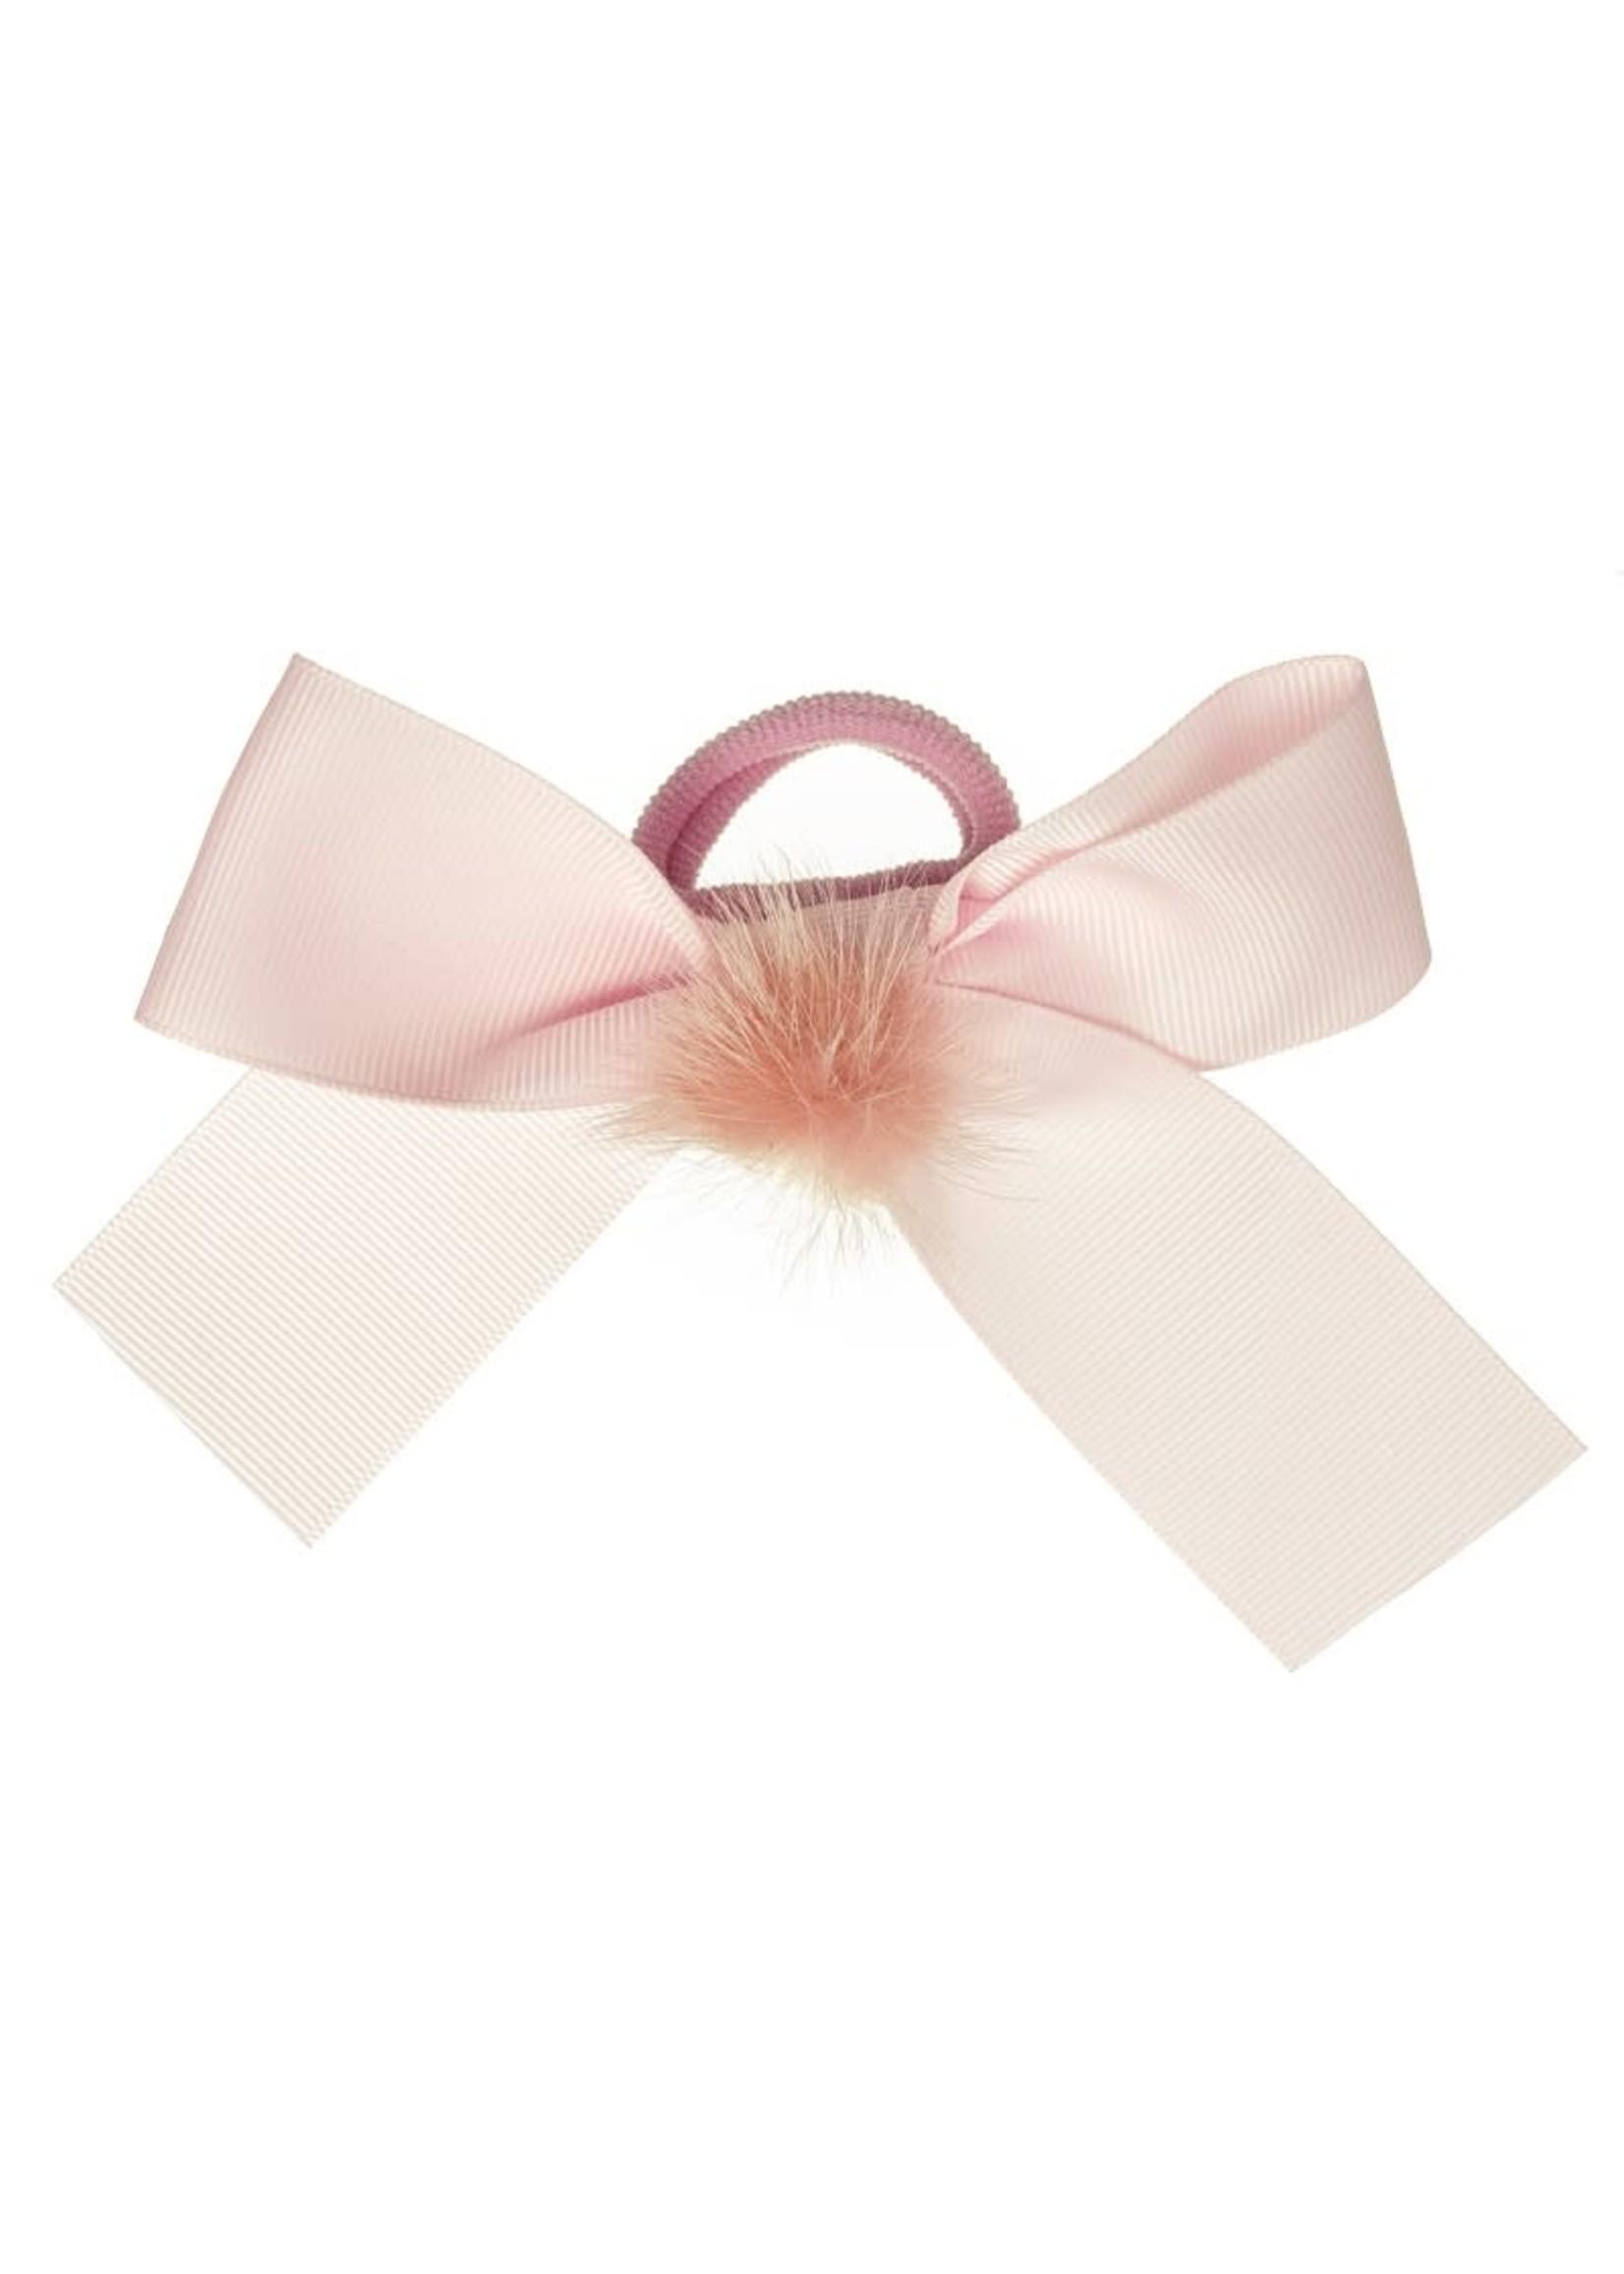 Siena SIENA Rekker lange strik pompon roze